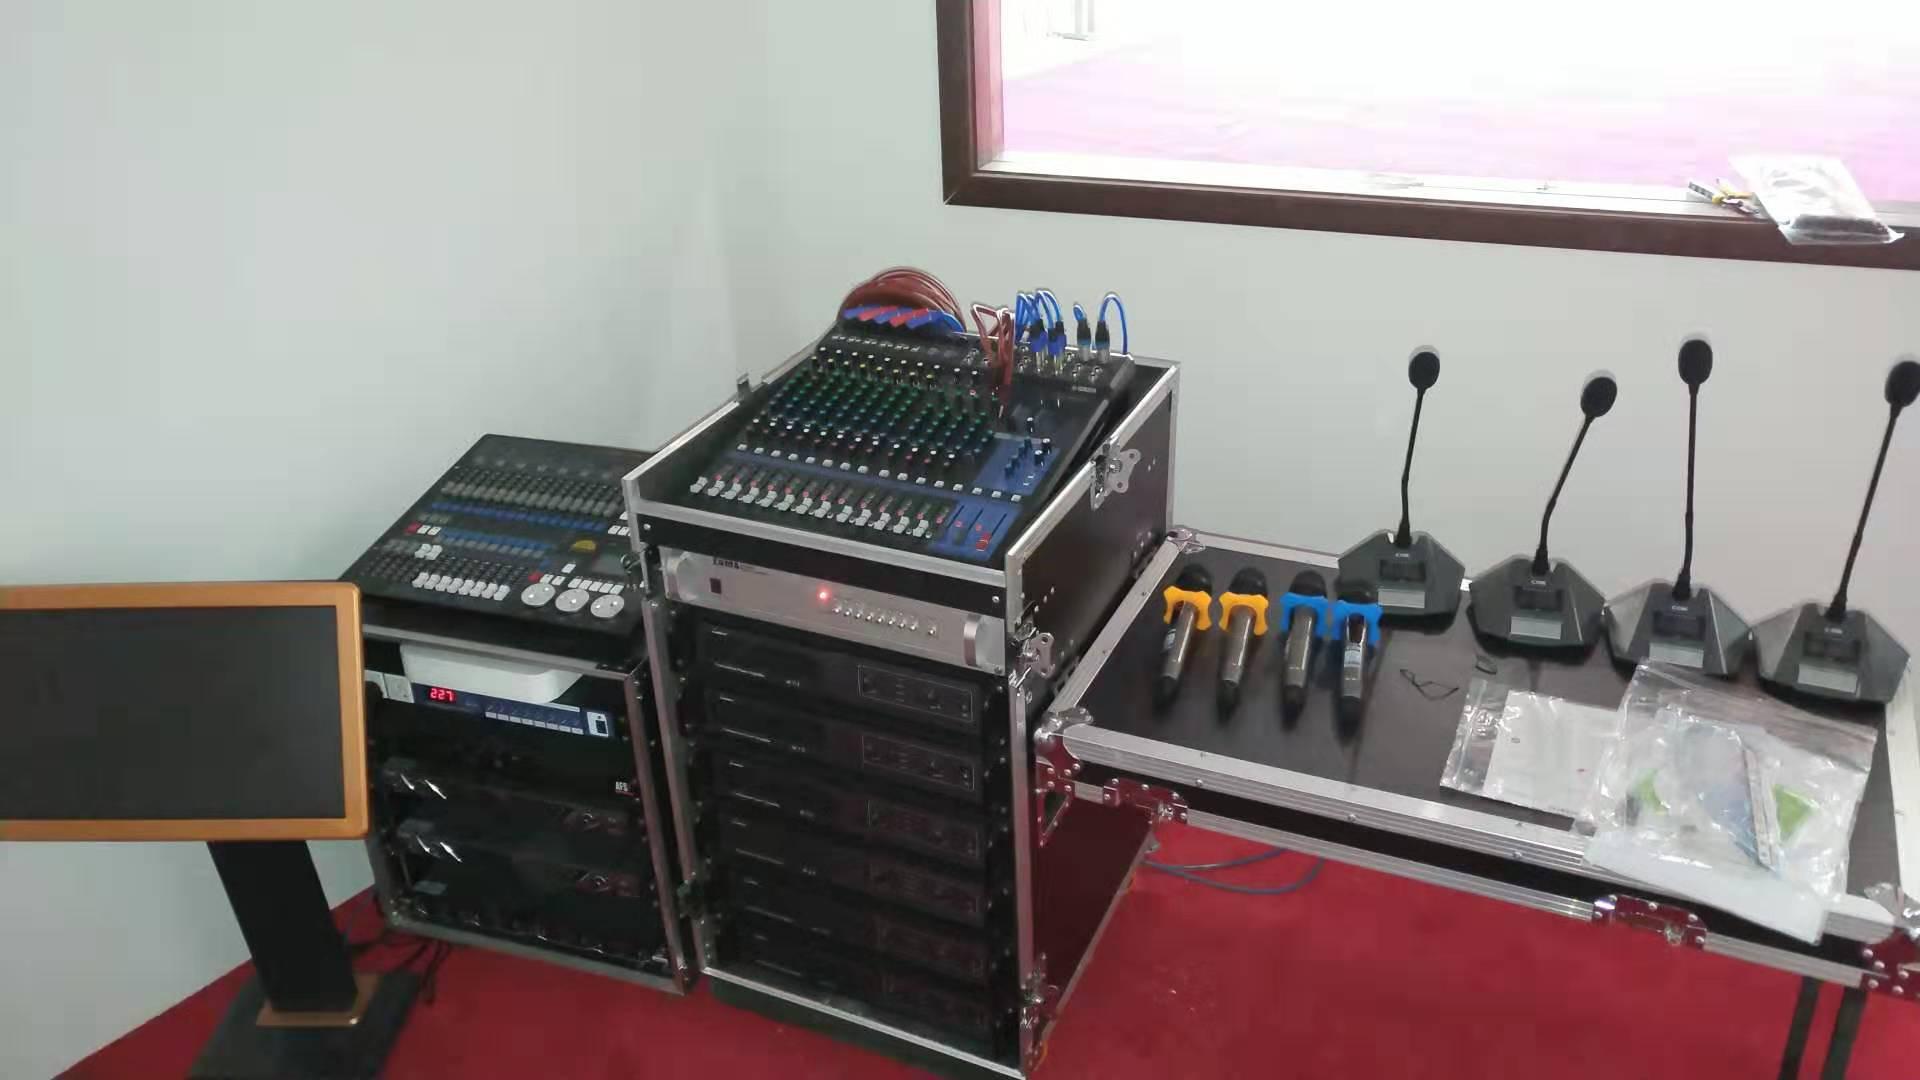 中誉鼎力智能装备有限公司新厂区多功能厅JBL音响灯光设备施工完成